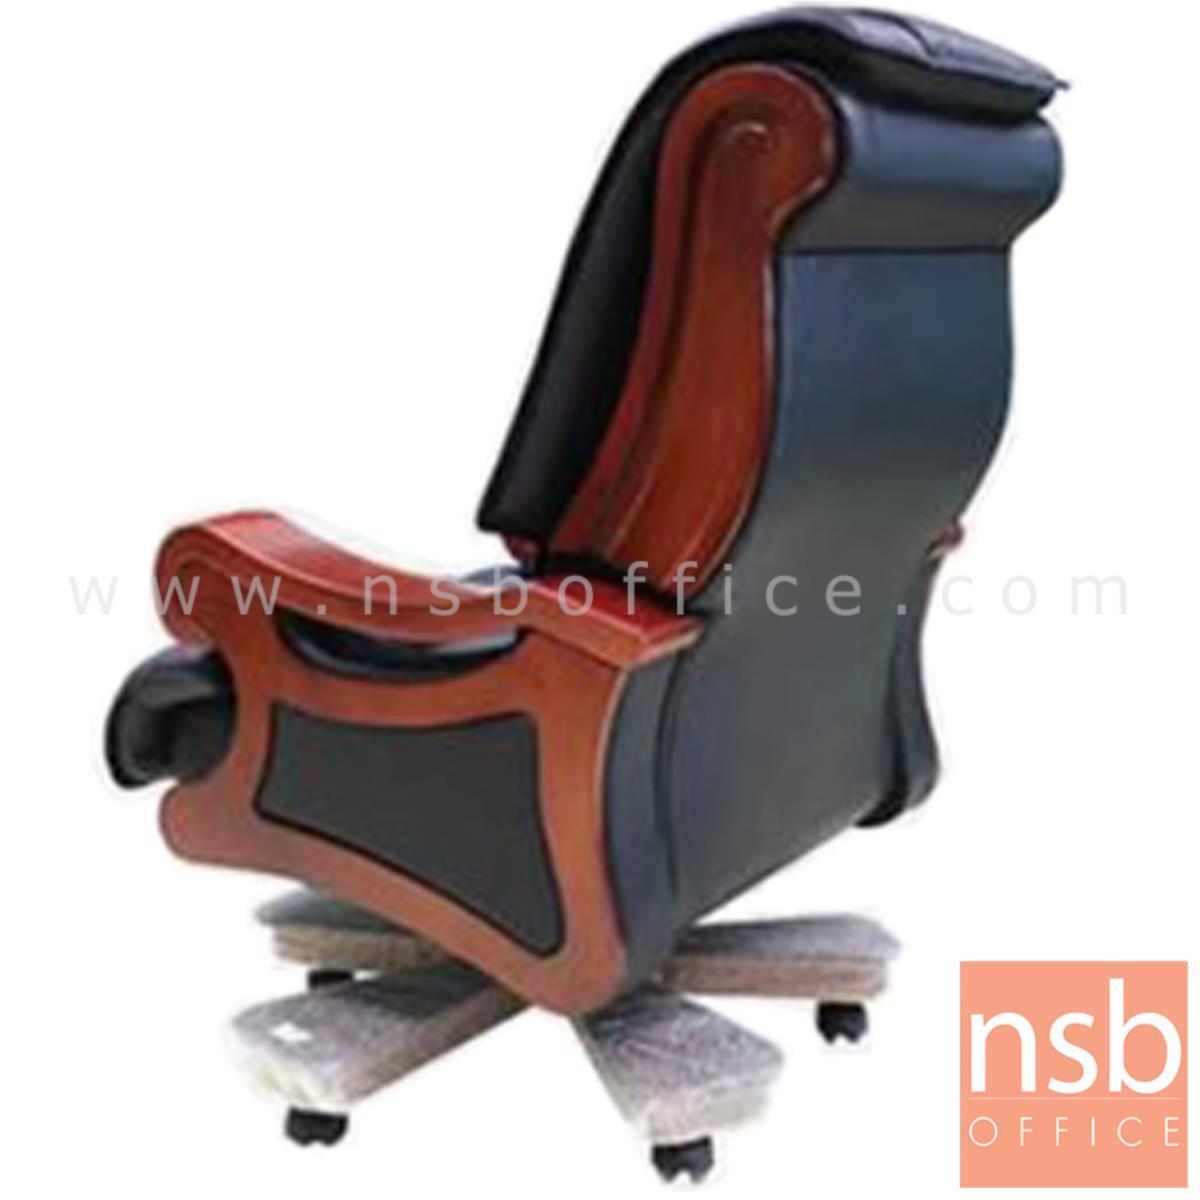 เก้าอี้ผู้บริหารหนังแท้ รุ่น PLANT (แพลนท์)  โช๊คแก๊ส ขาเหล็ก